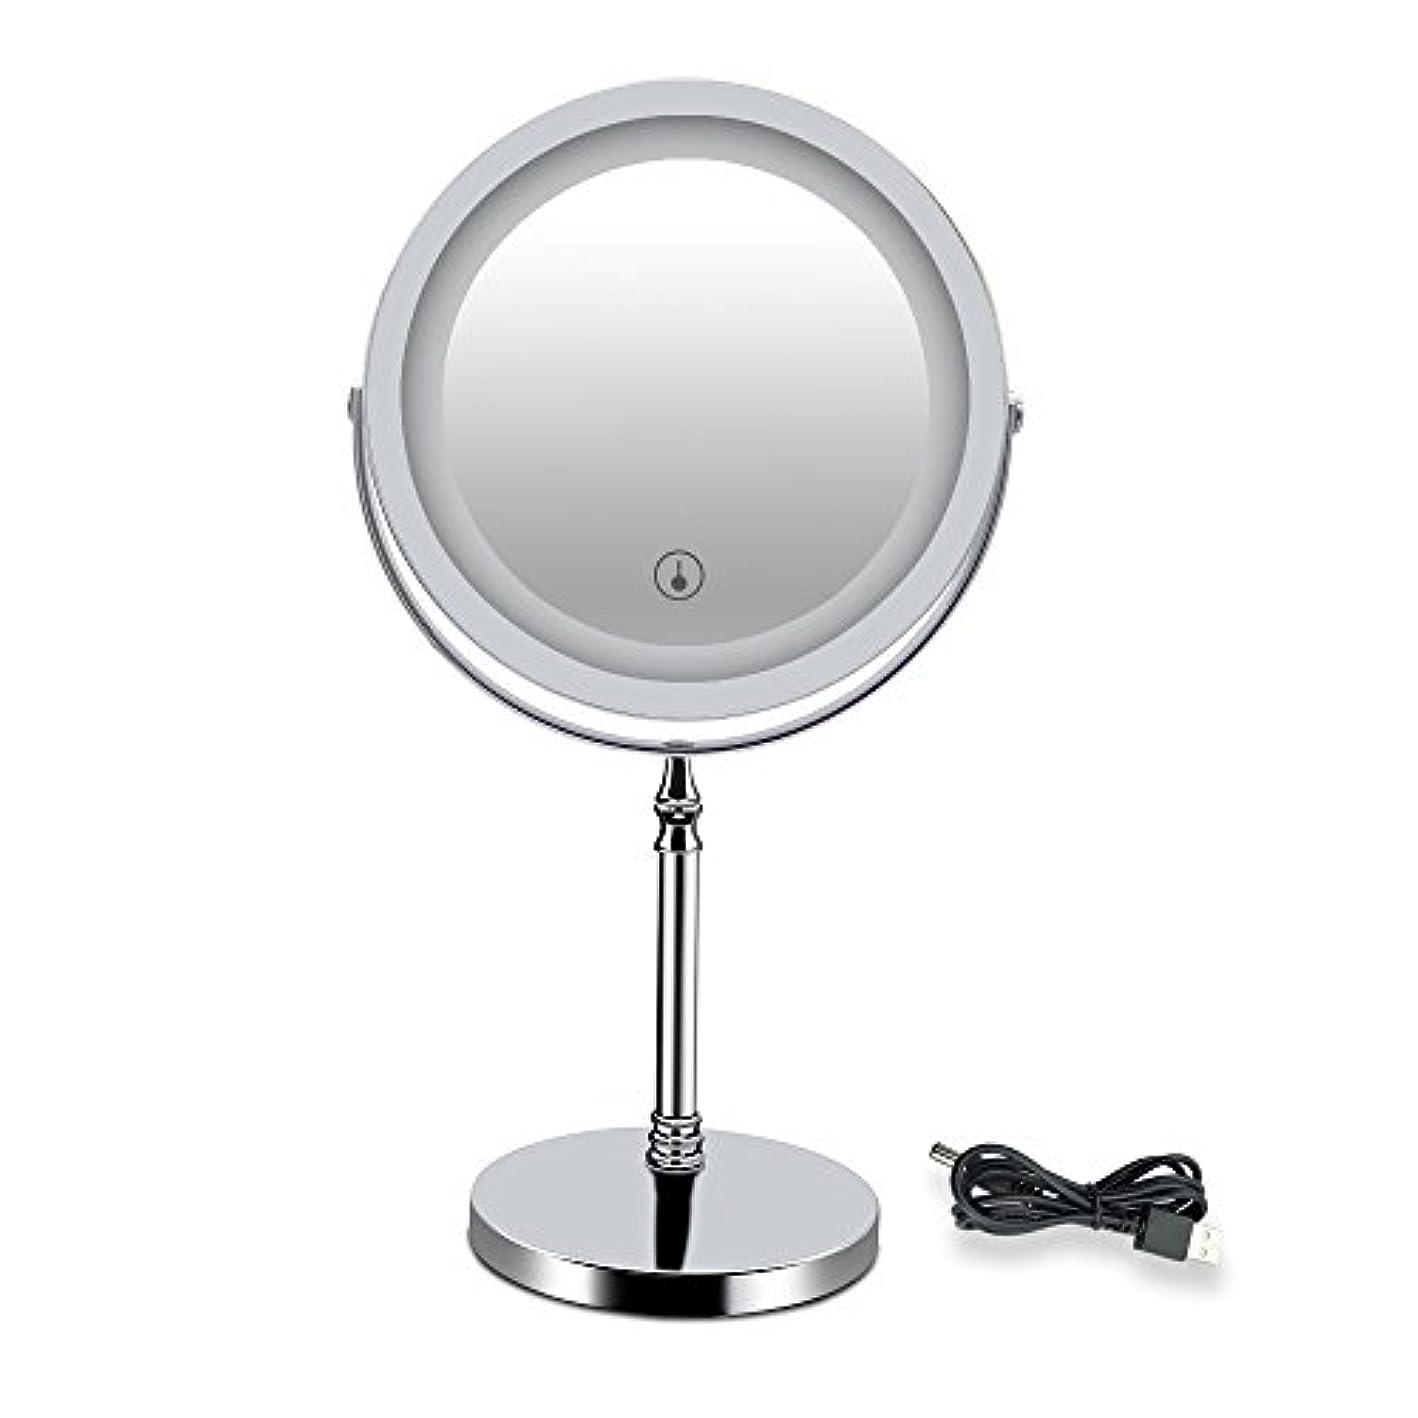 世界的にちらつき精緻化LED付きミラー 両面型 化粧鏡 卓上鏡 メイク 女優ミラー 三色調光 明るさ調節可 真実の北欧風卓上鏡DX 10倍拡大率 360度回転 USB給電/充電 タッチスイッチ付き 収納 ホワイト 1個入り